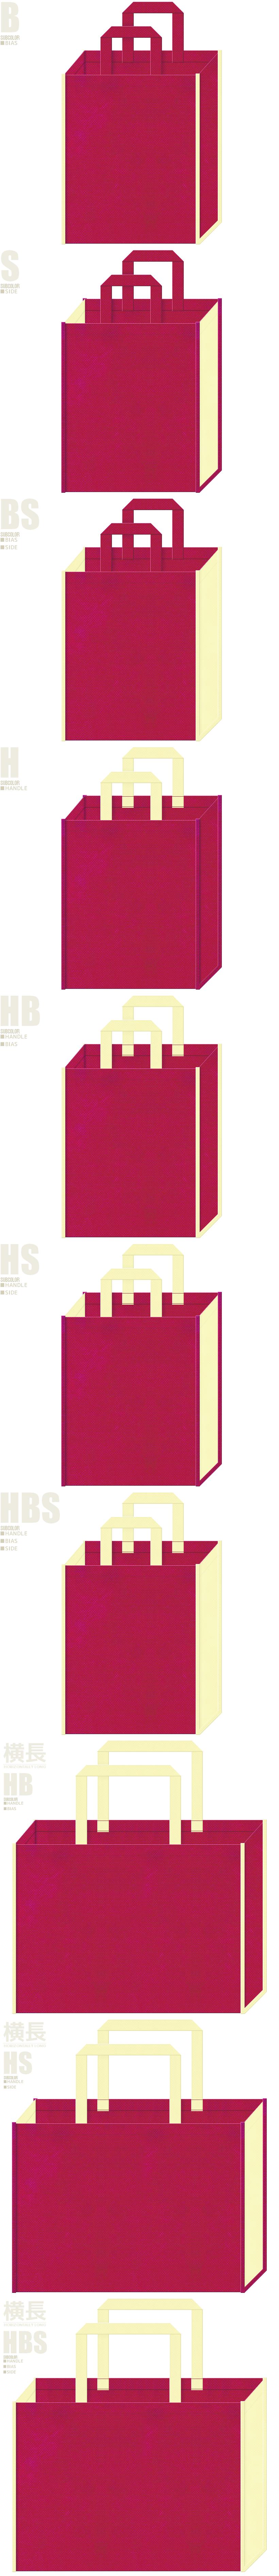 通園バッグ・ひな祭り・むかし話・月・かぐや姫・絵本・キッズイベントにお奨めの不織布バッグデザイン:濃いピンク色と薄黄色の配色7パターン